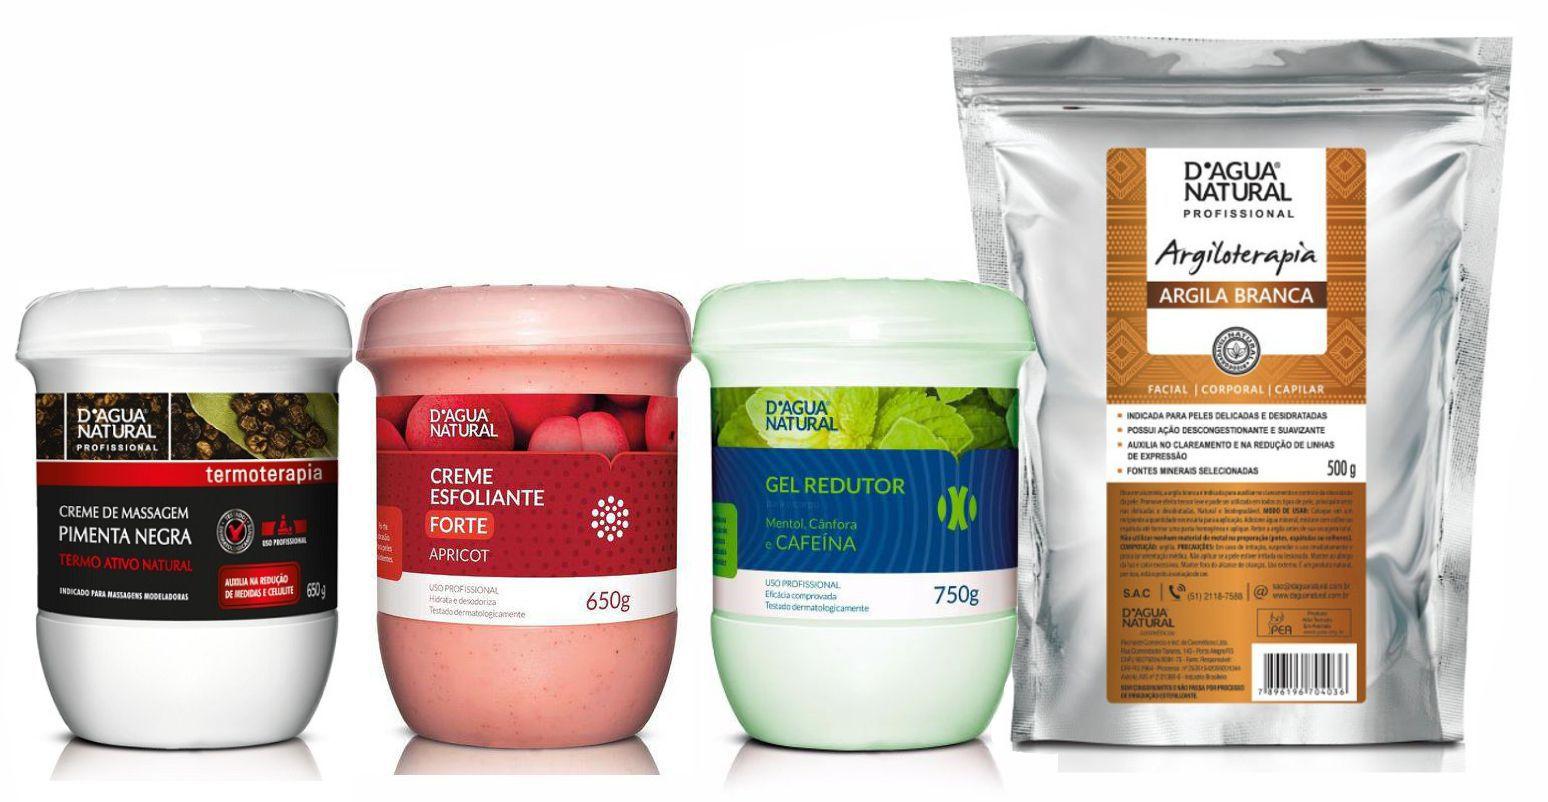 Kit Massagem Pimenta Negra, Esfoliante Forte Abrasão, Gel Redutor e Argila Branca Dagua Natural